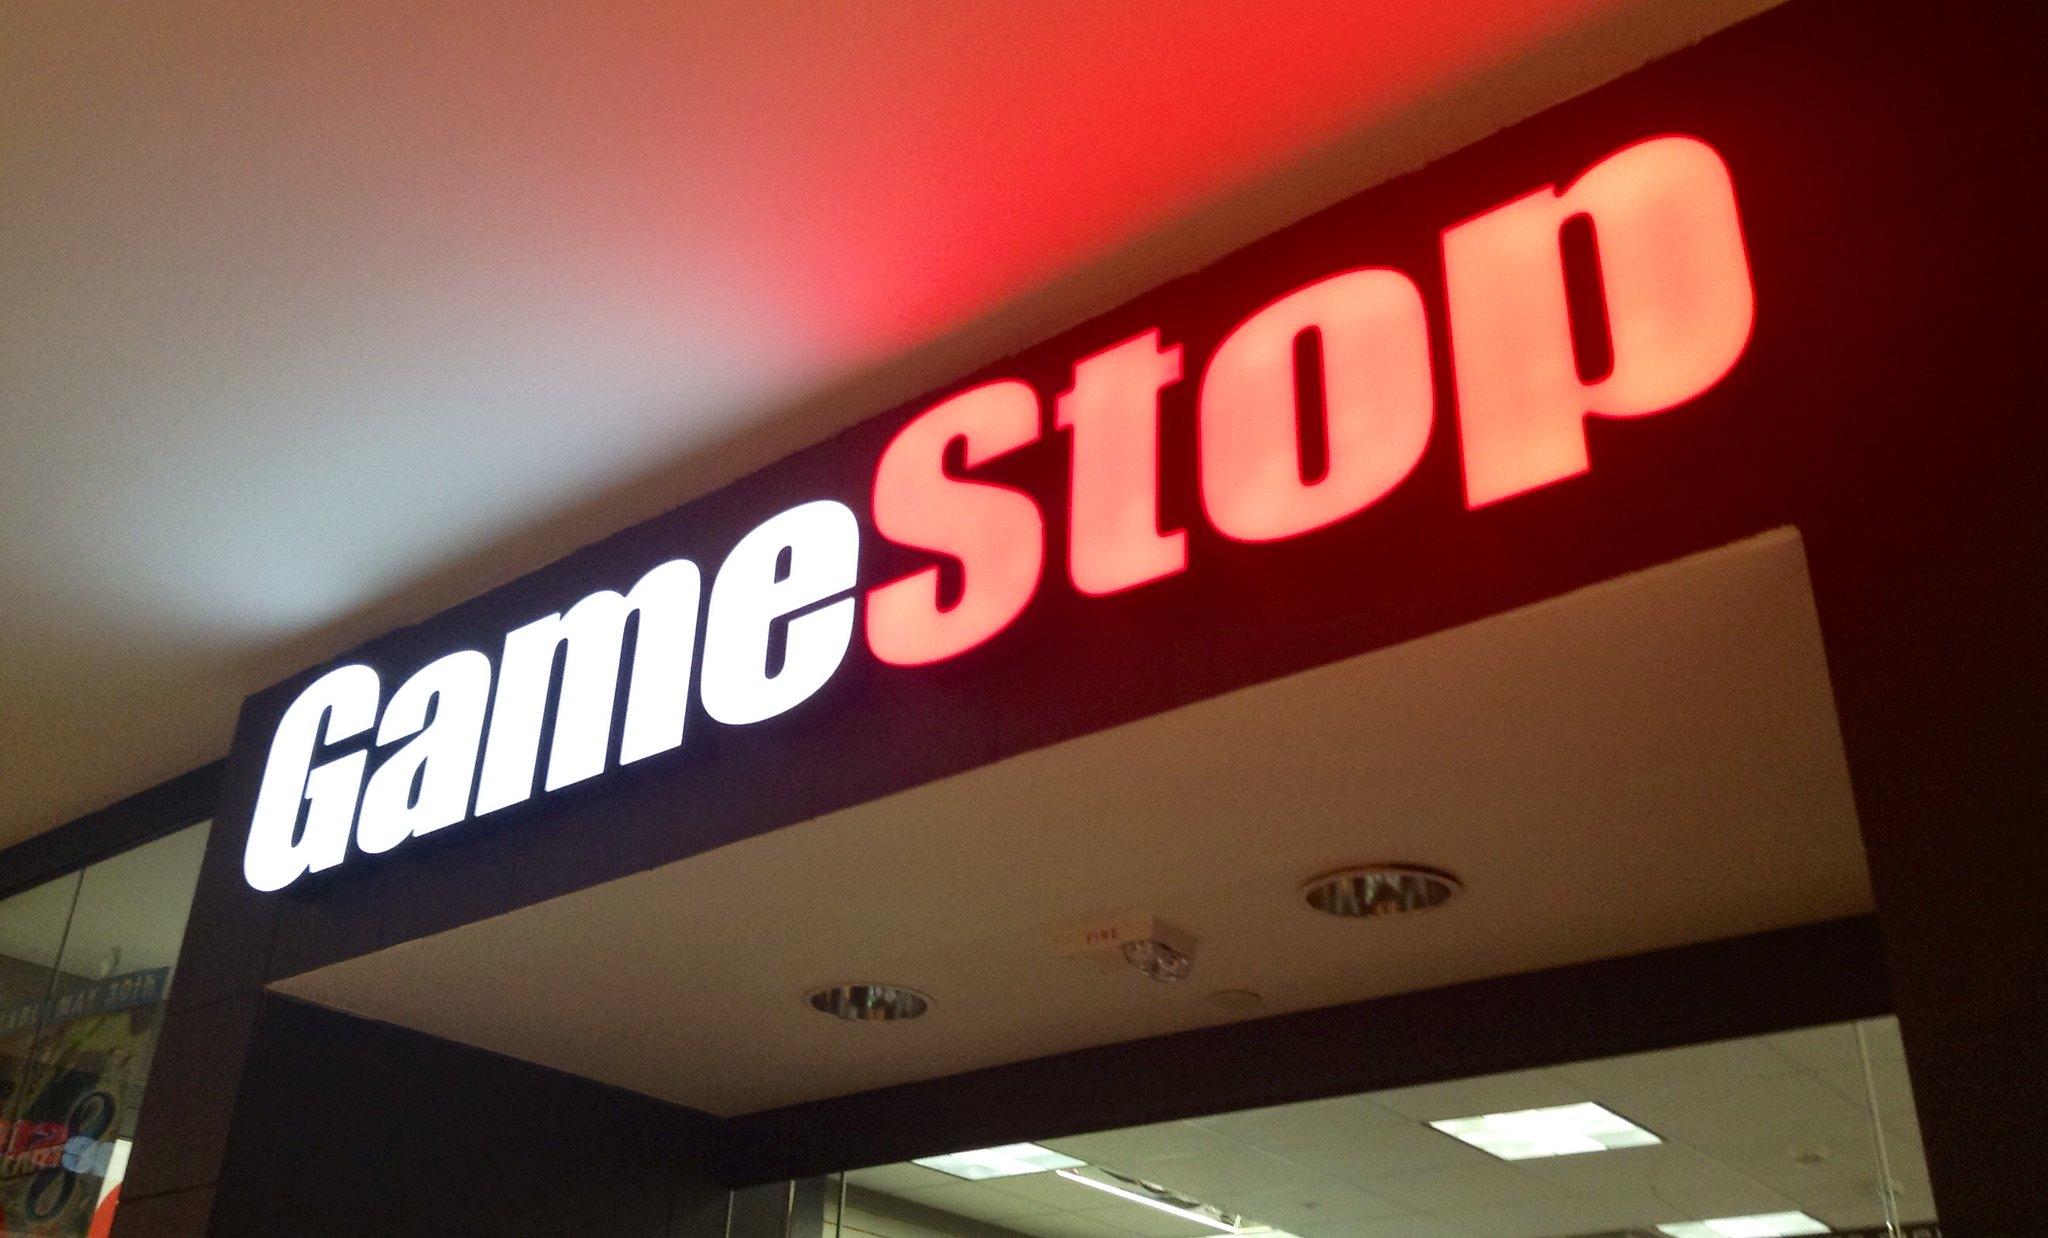 นักวิชาการมองกรณีปั่นหุ้น GameStop สะท้อนการปรับเปลี่ยนขั้วอำนาจตลาดการเงินและเศรษฐกิจ